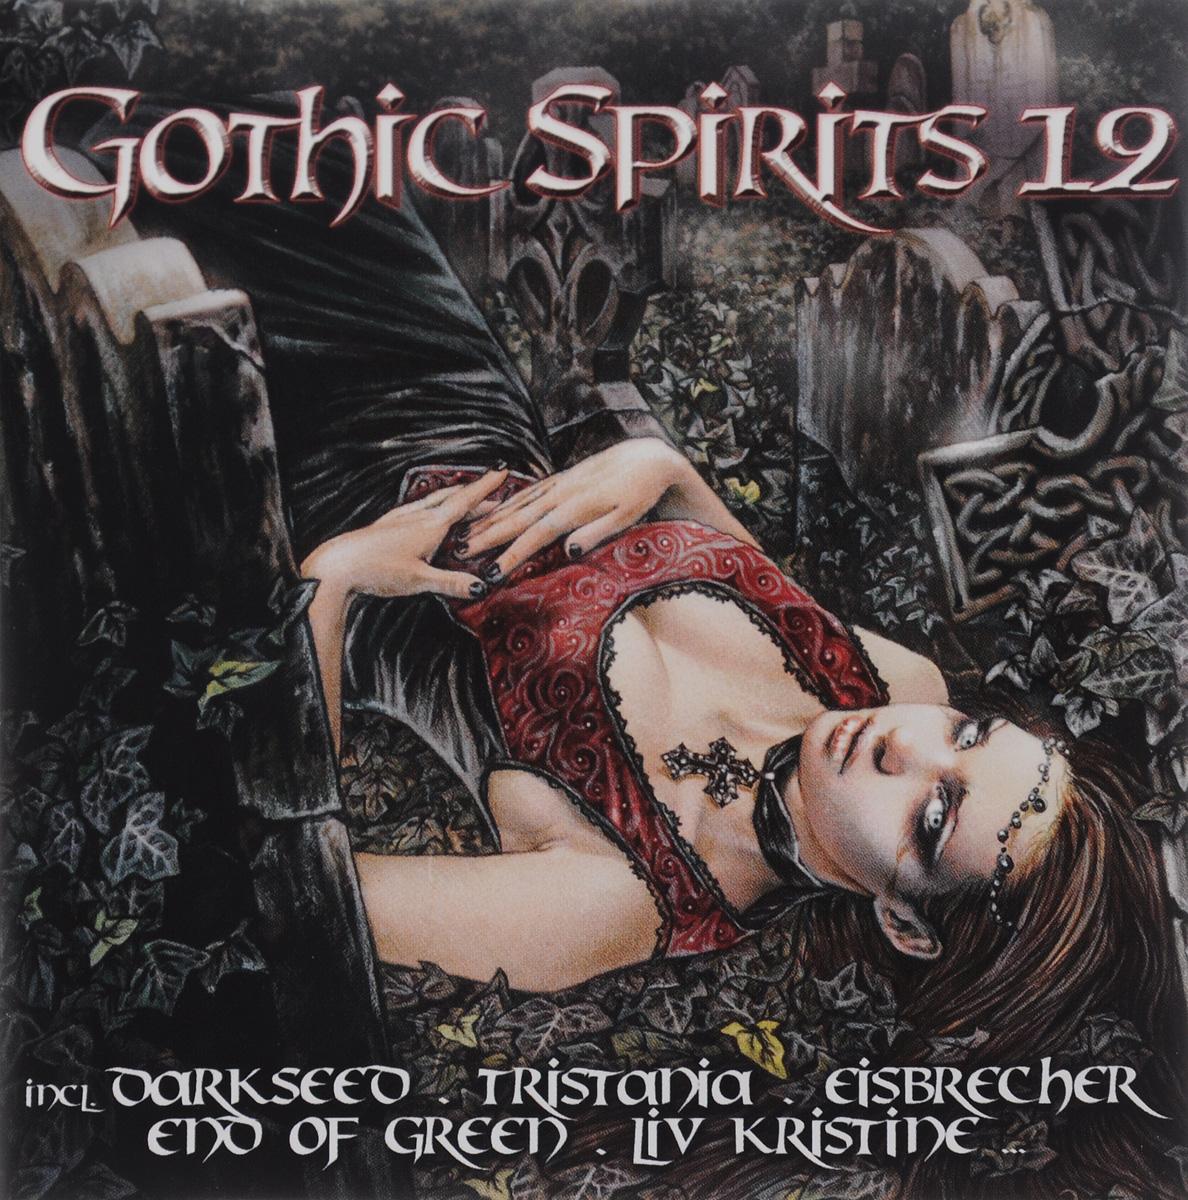 Gothic Spirits 12 (2 CD)